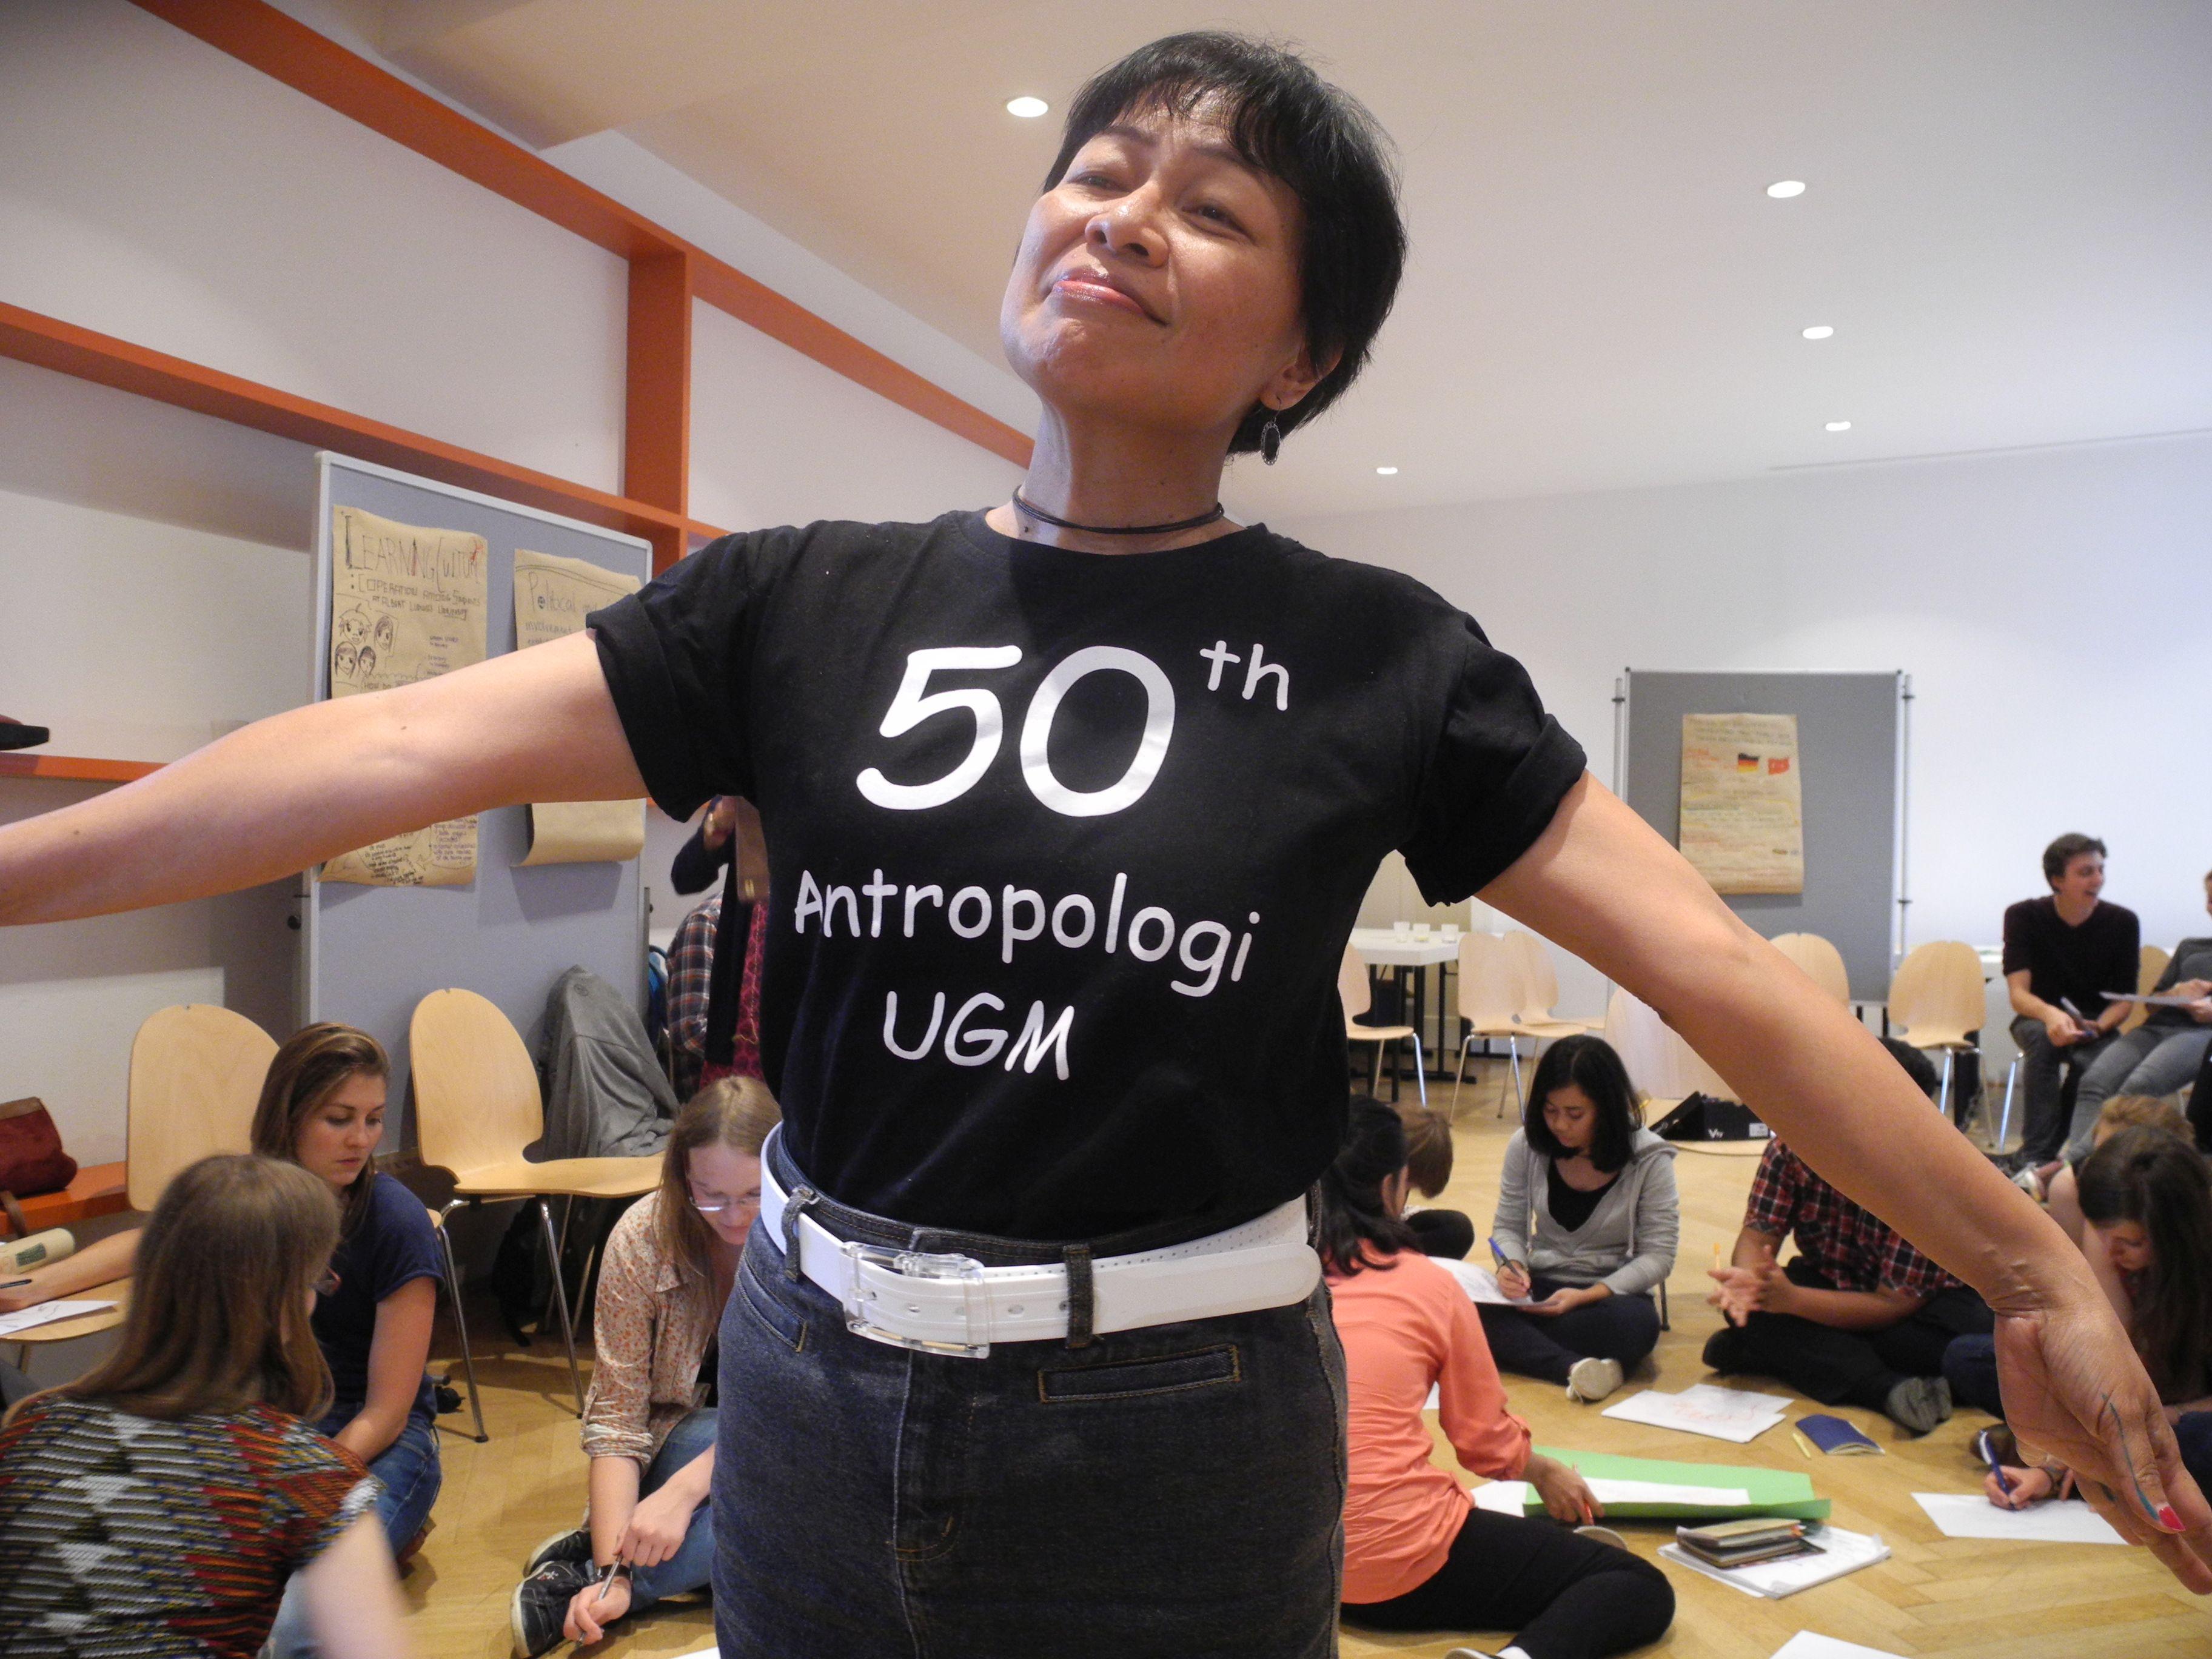 2 Wie in Freiburg 2015, so hatte 2014  in Yogya die Ethnologie ein 50jähriges Jubiläum gefeiert. Bu Anna zeigte das T-shirt beim 2. workshop.jpg